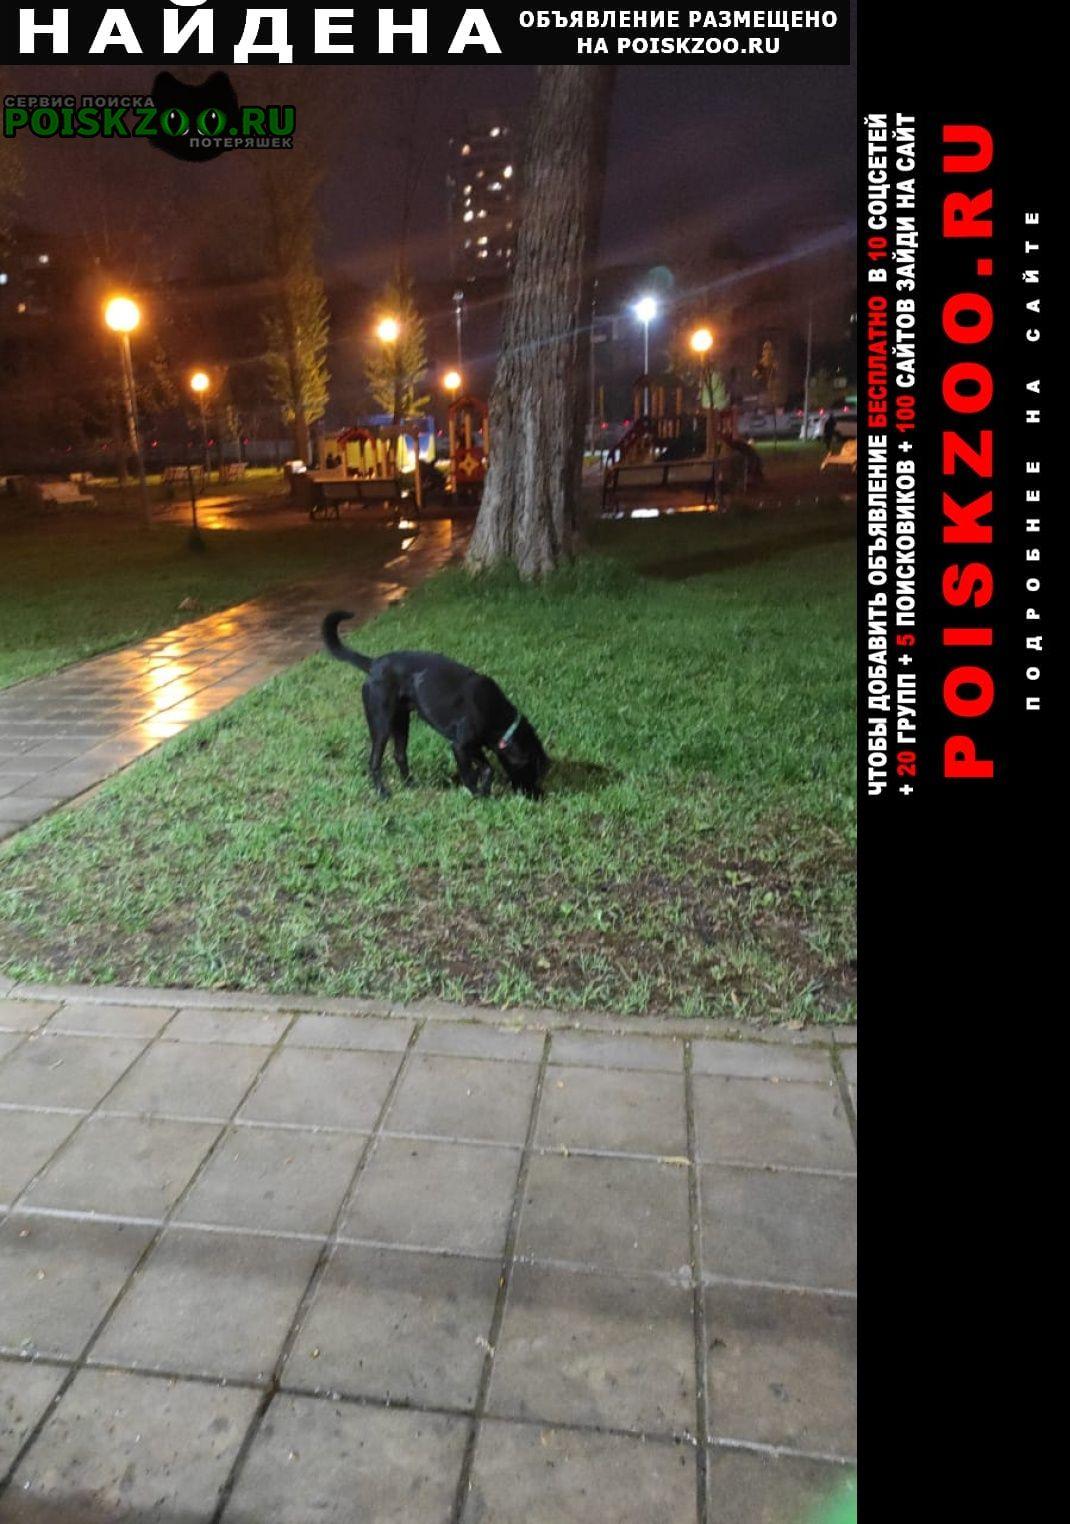 Найдена собака кобель во дворе брошенная собака Москва